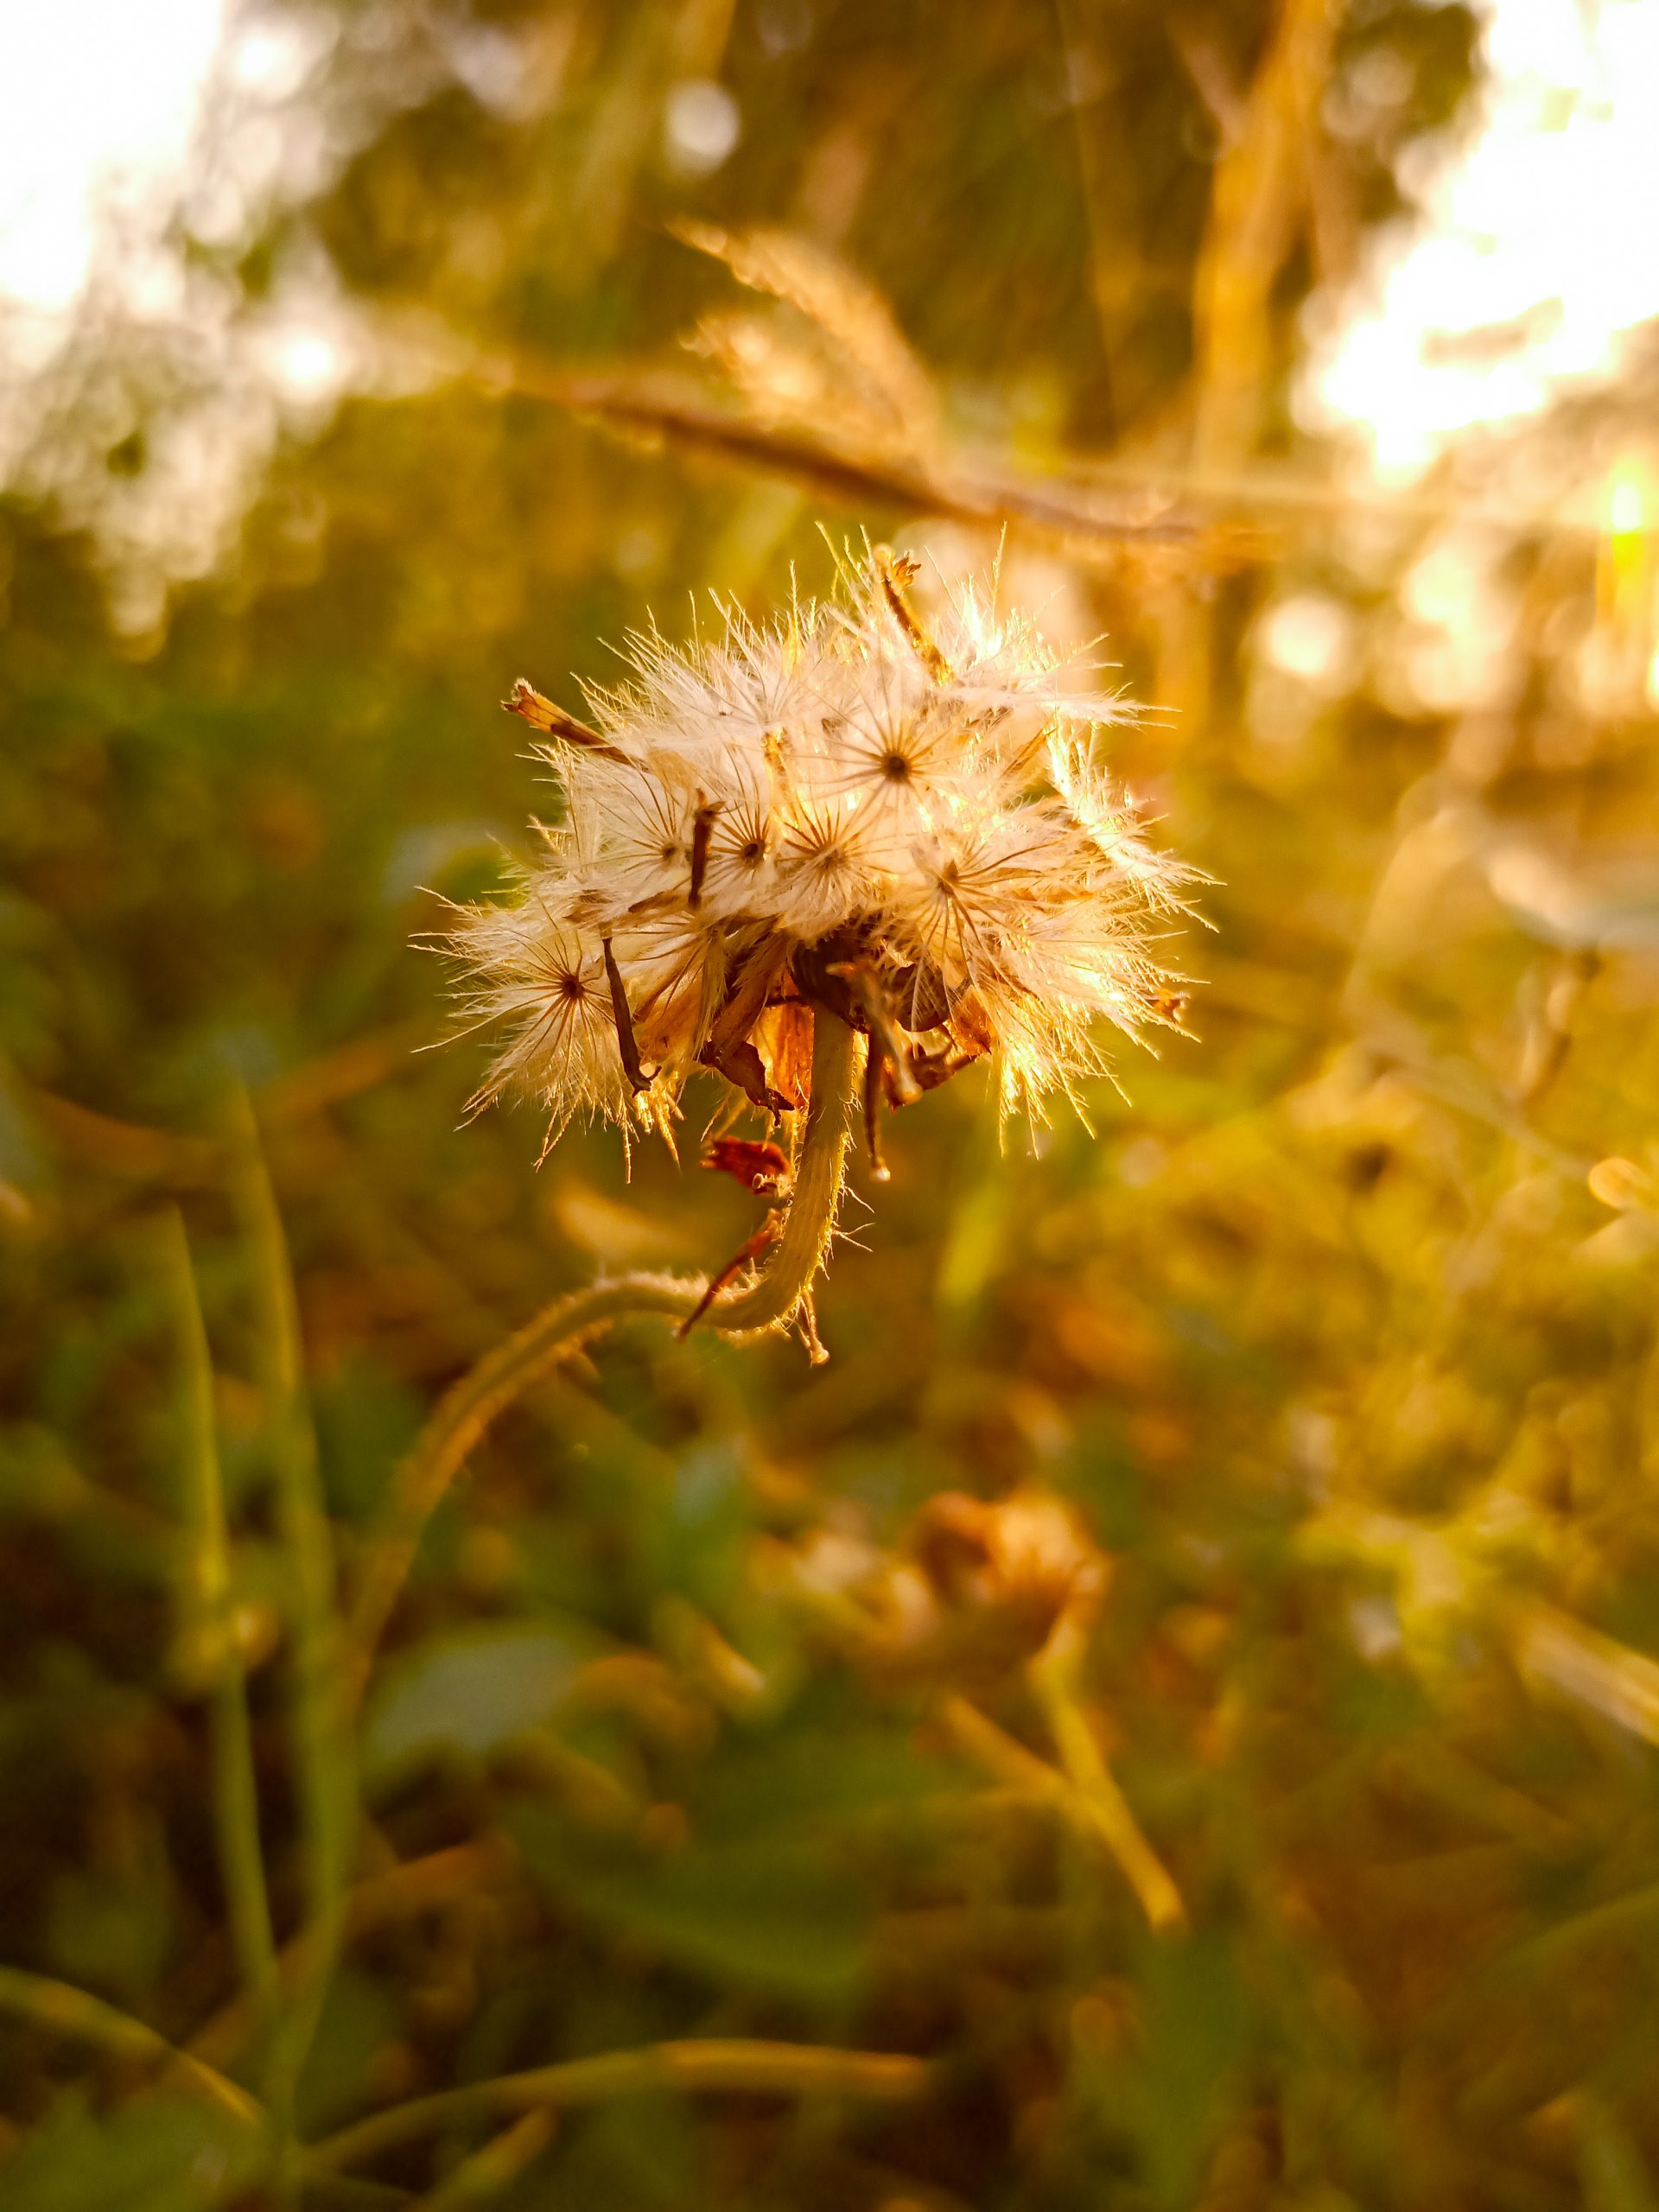 Sunlight on flower